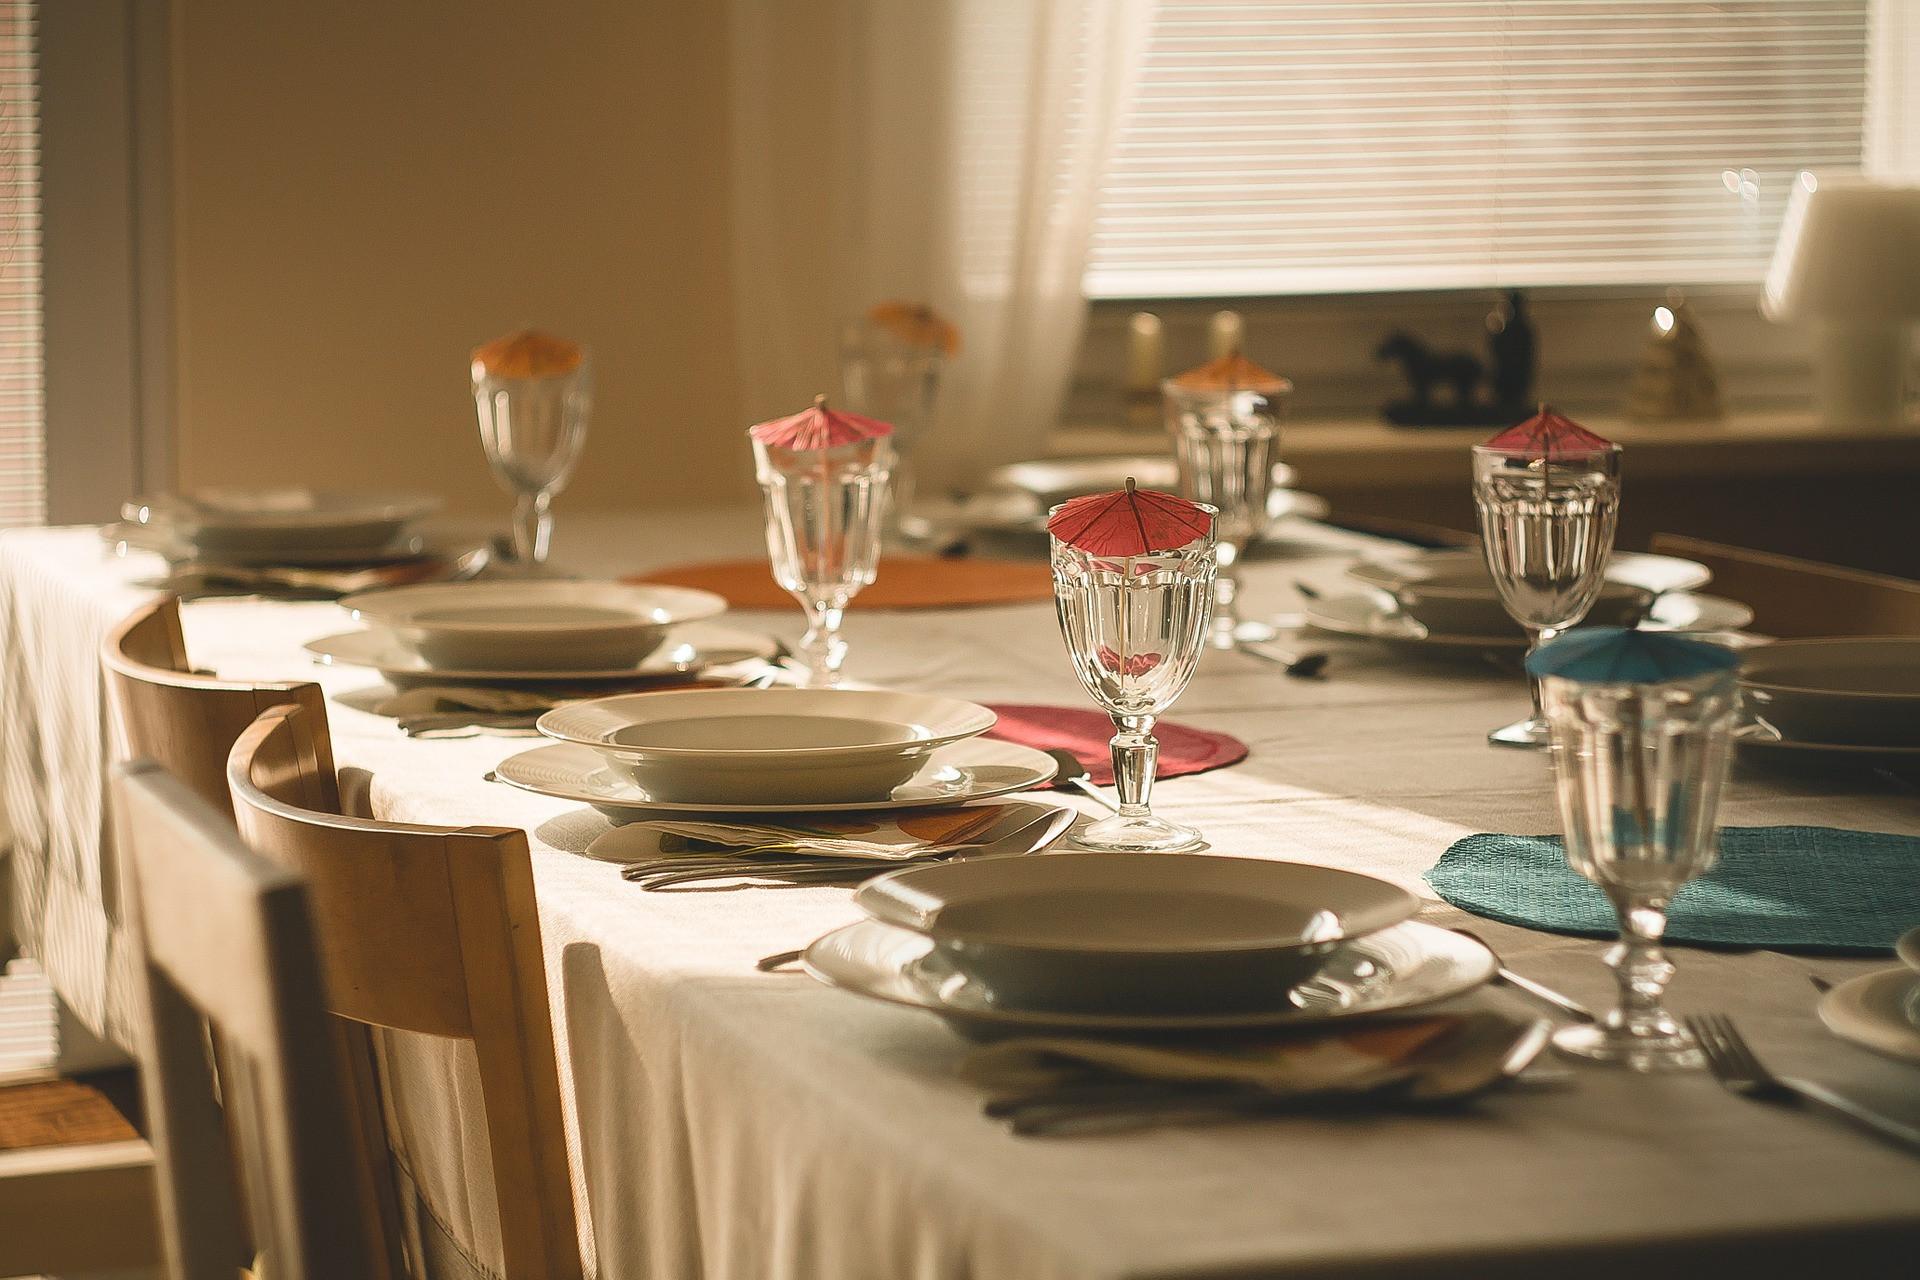 Manual del perfecto anfitrión: 12 consejos para recibir invitados en casa y no meter la pata